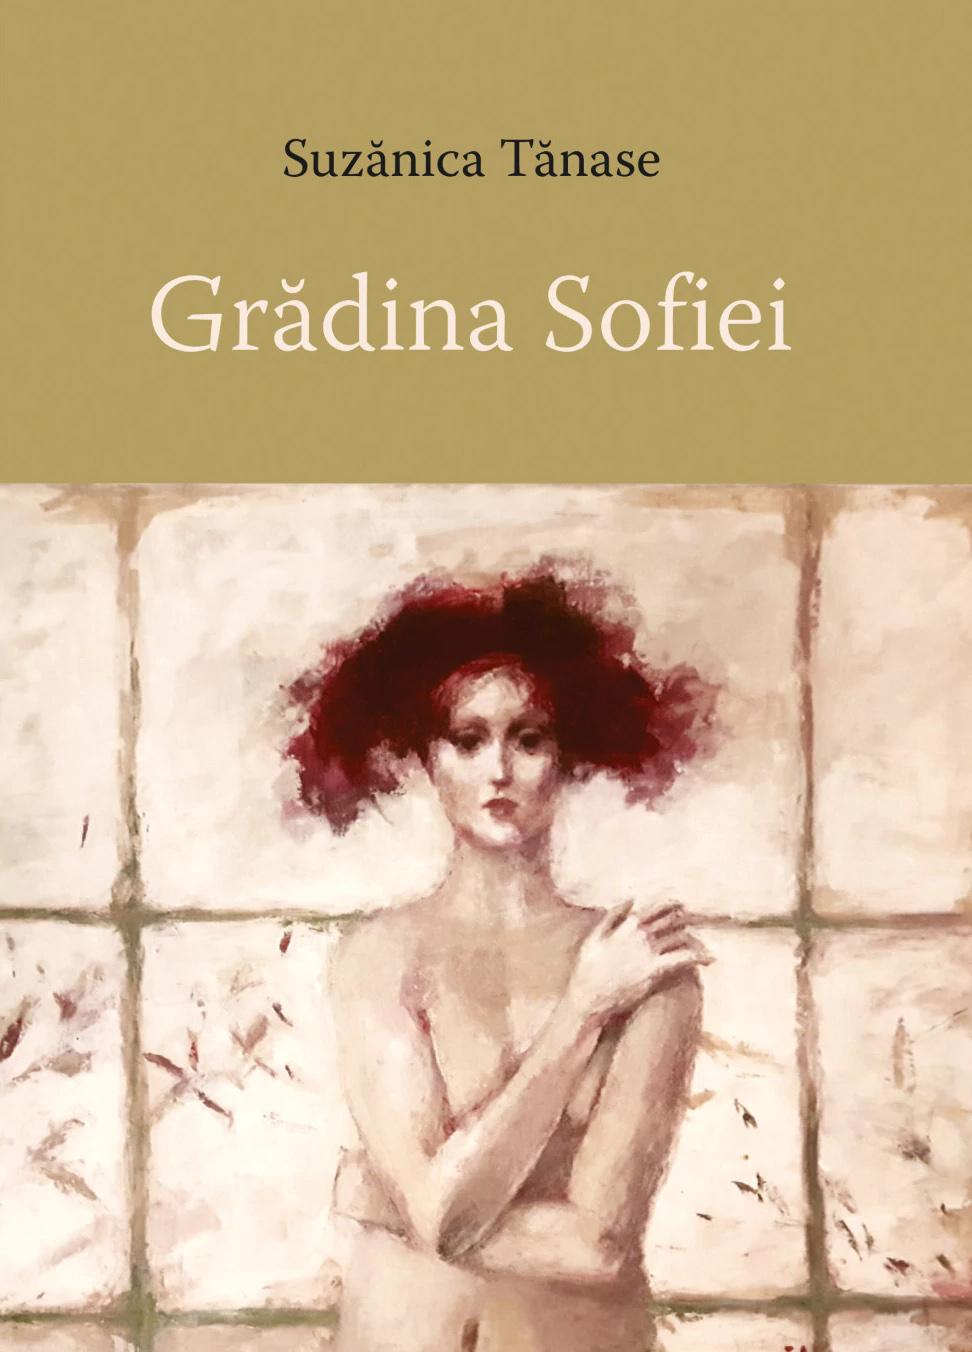 Gradina Sofiei